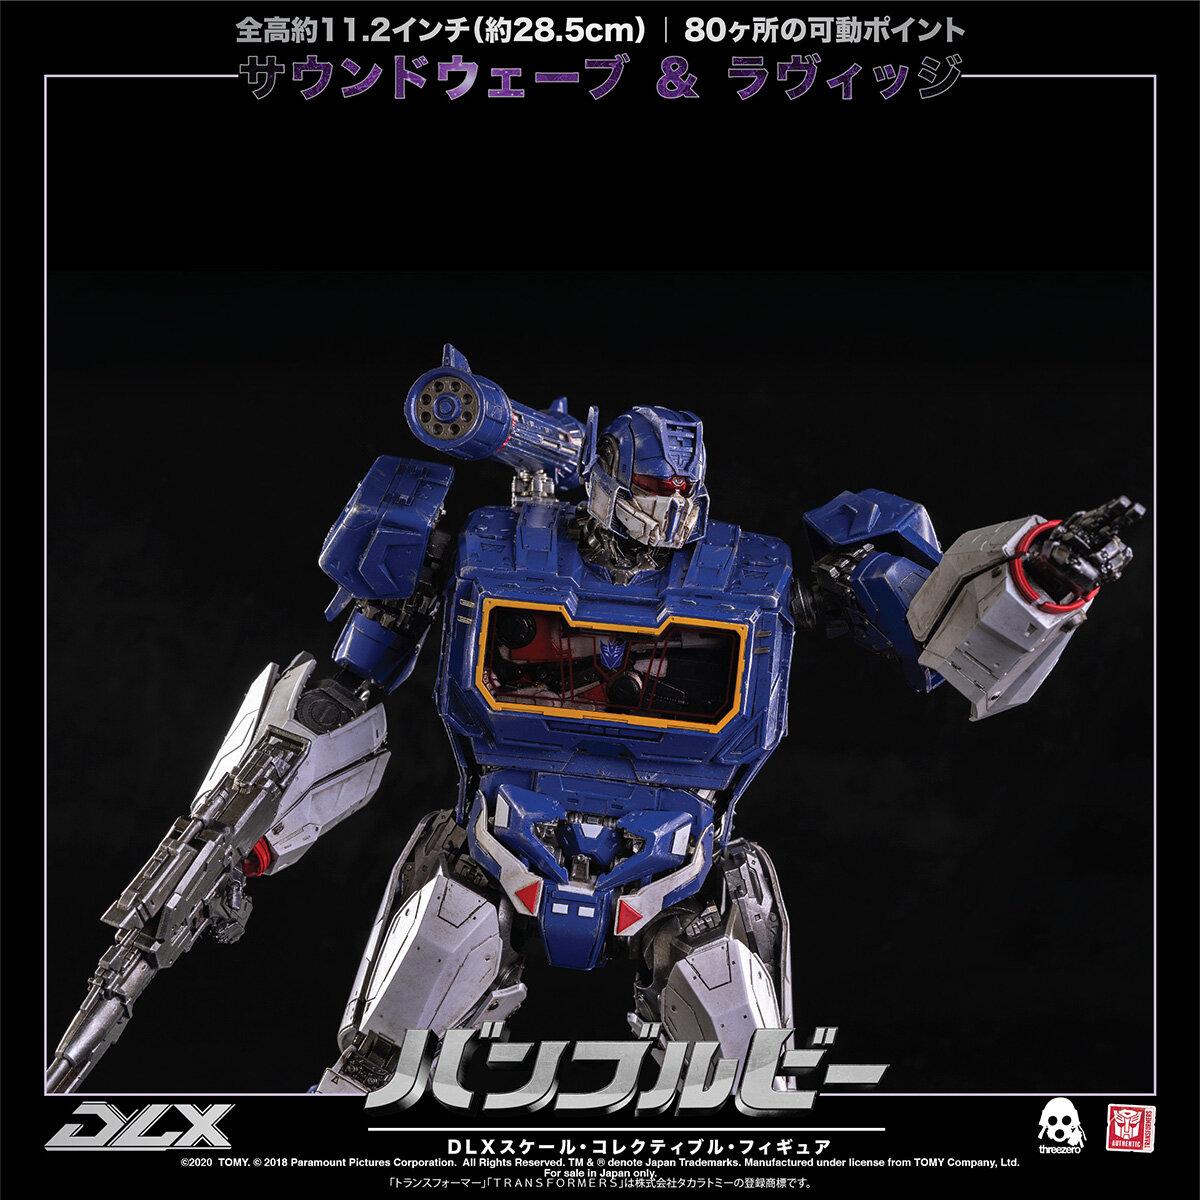 DLX_SW_JPN_B_T1_2004.jpg